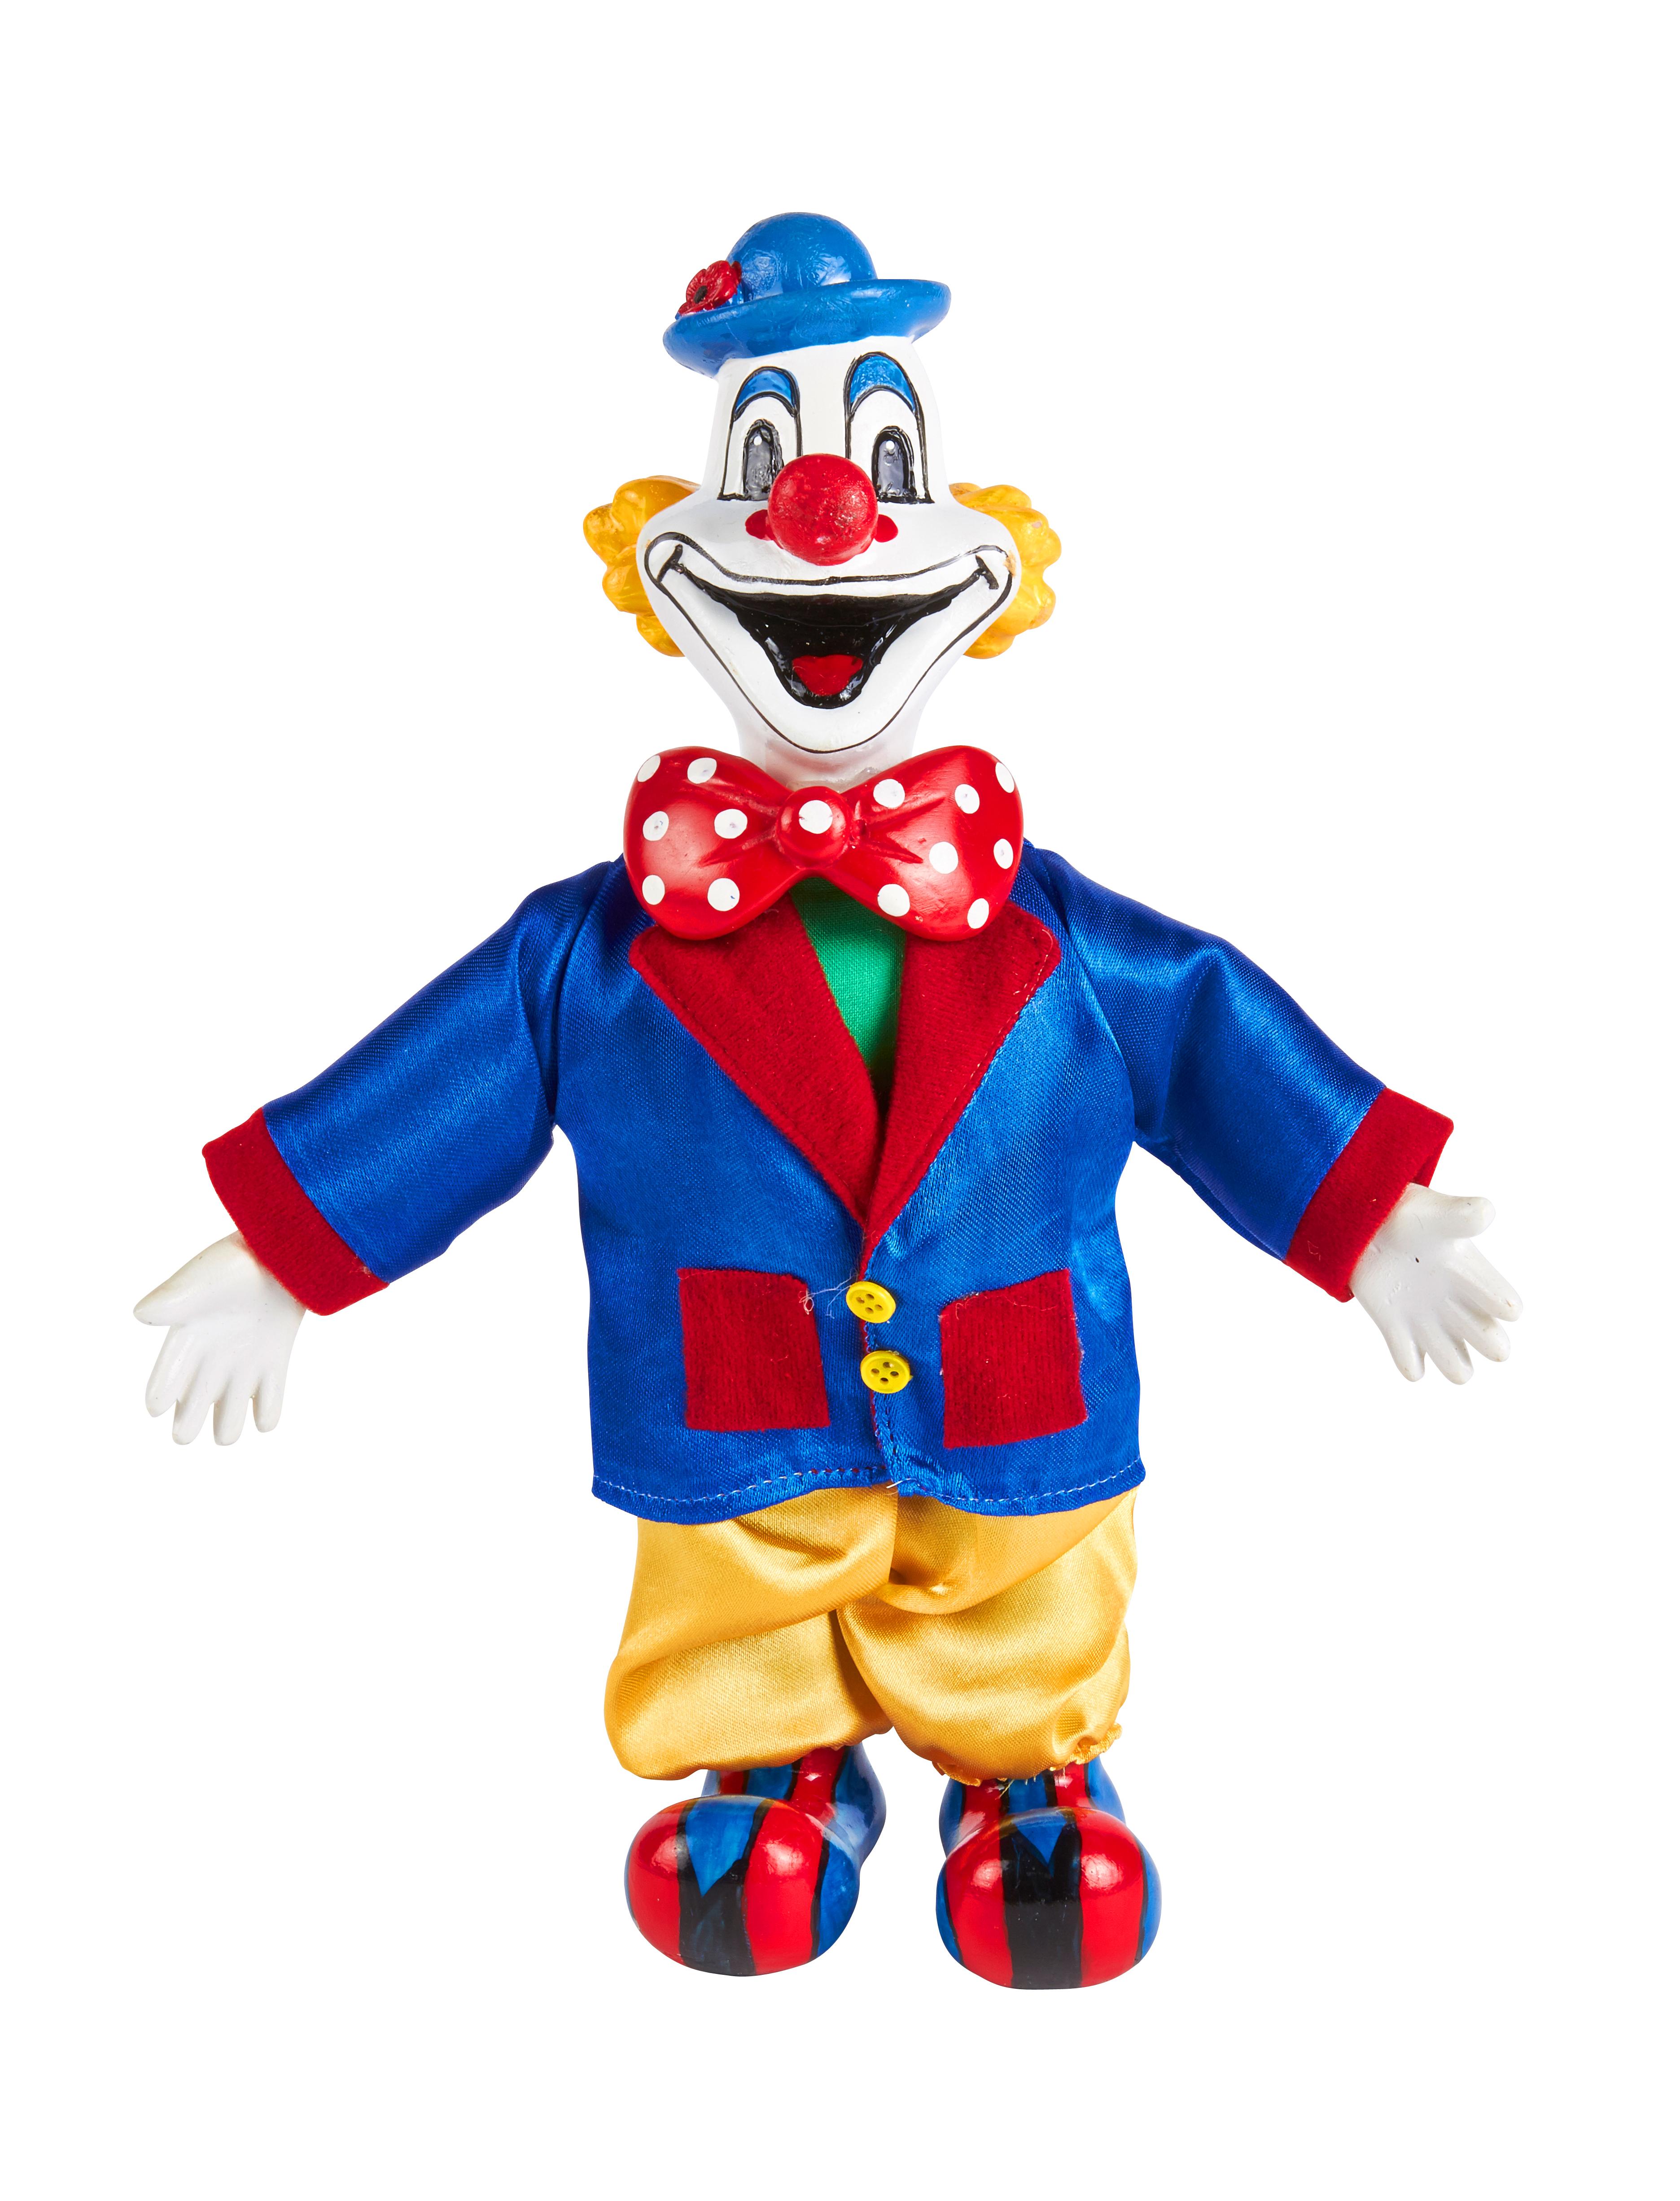 Kostuemzubehor Deiters Clown 25cm Farbe: multicolor bzw. bunt